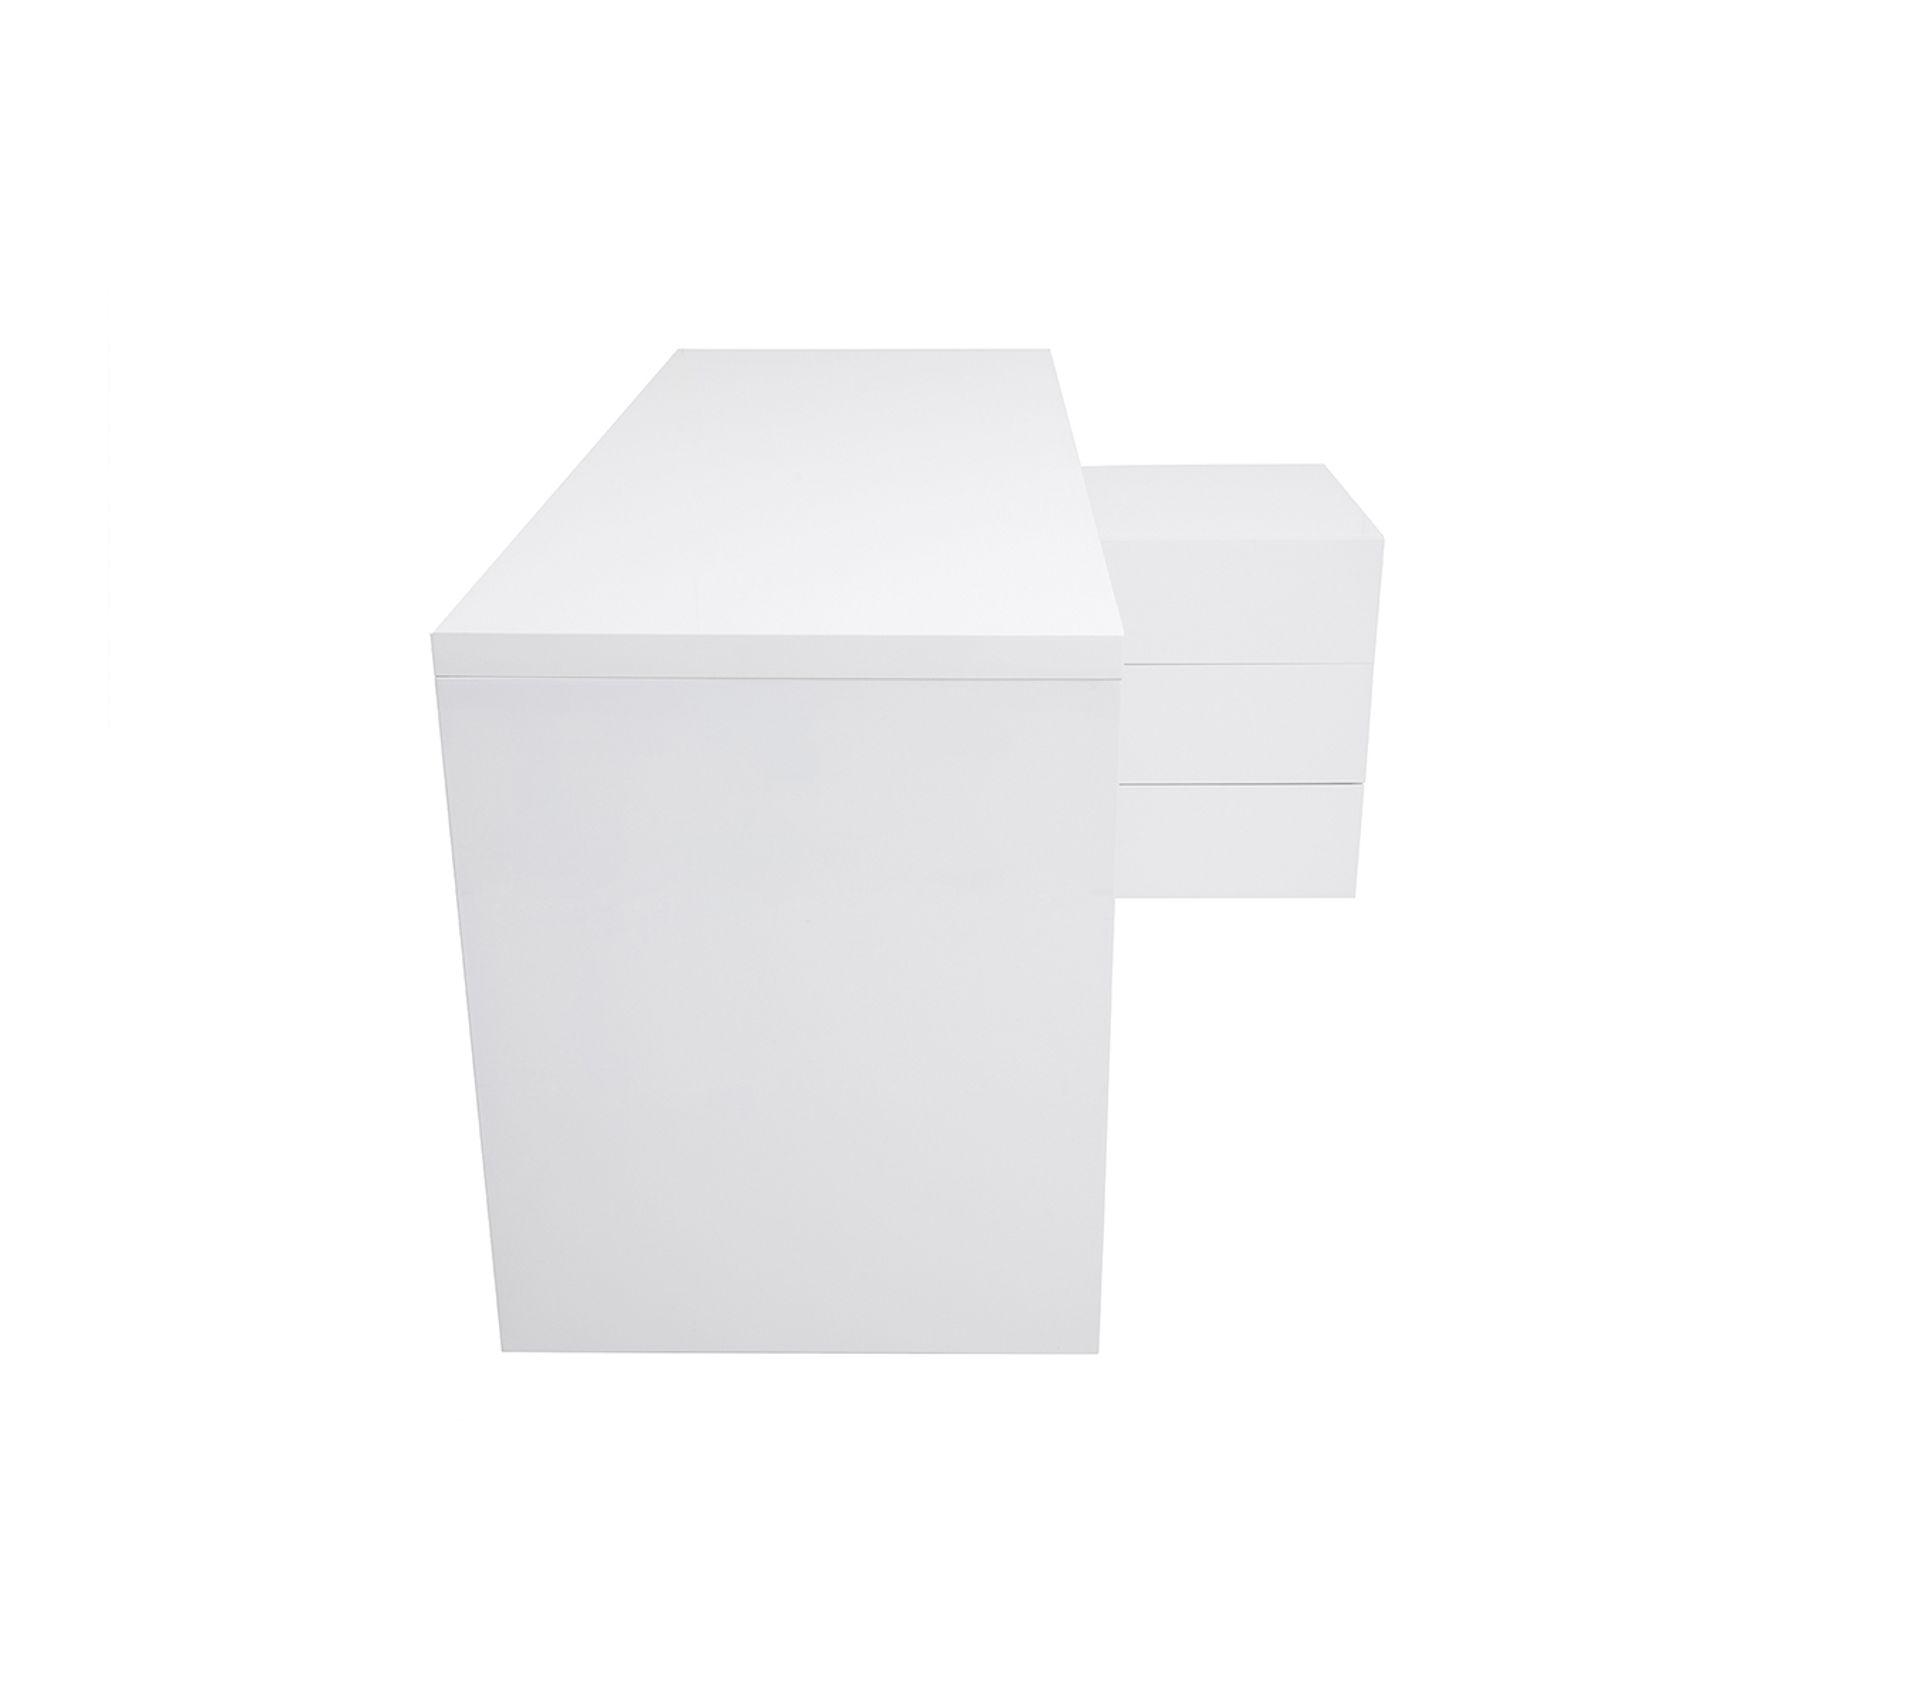 Difference Blanc Brillant Et Blanc Laqué bureau design blanc laqué brillant rangements À droite maxi